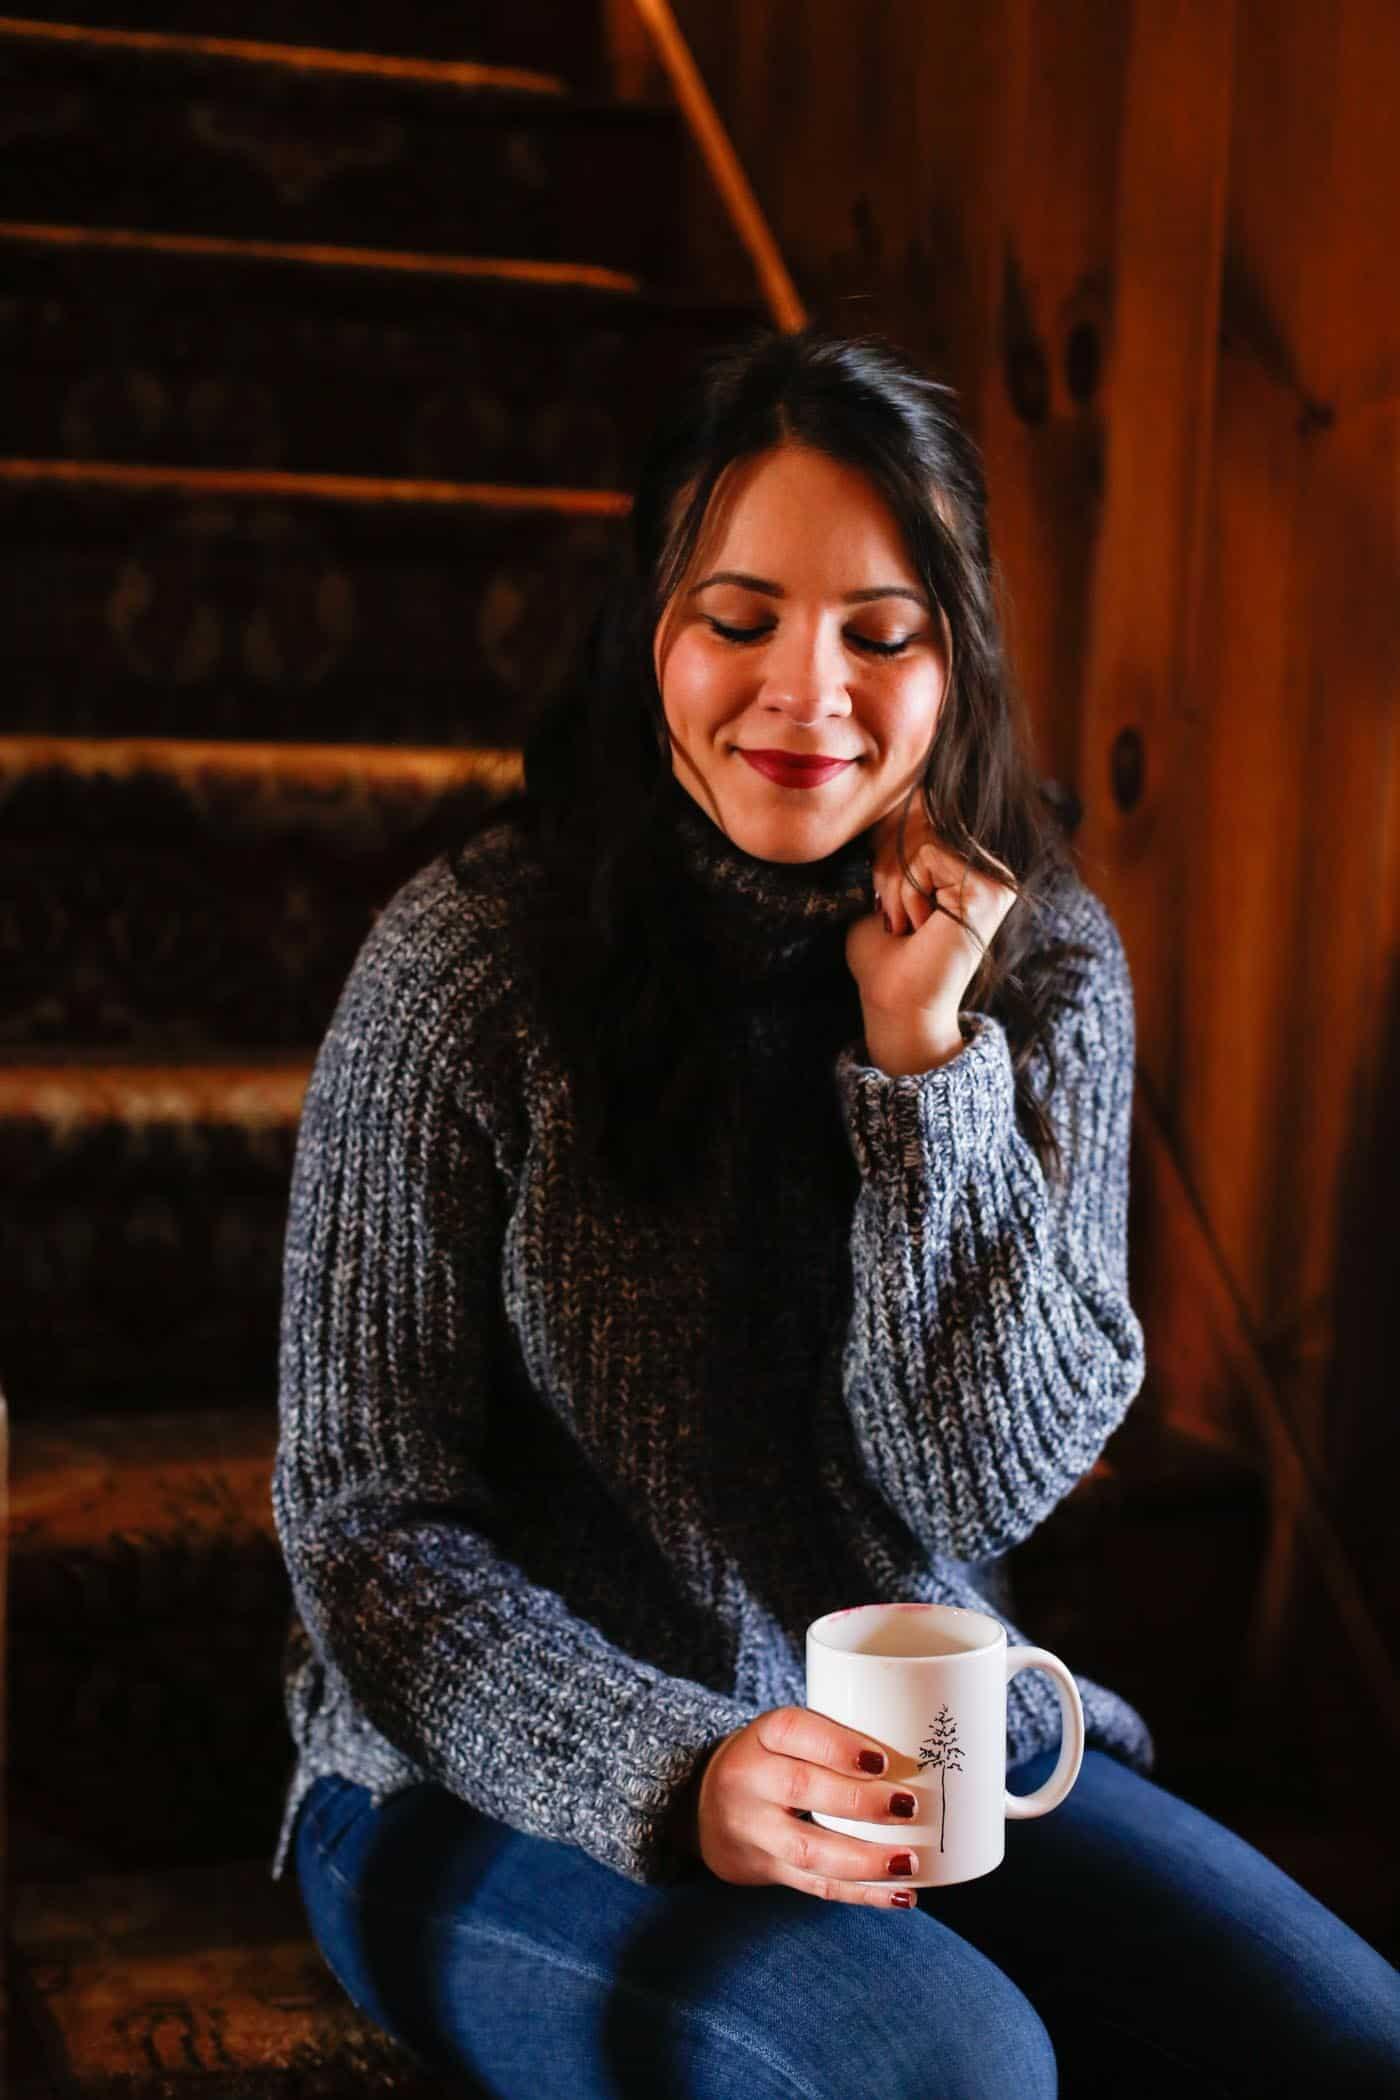 cabin style, turtleneck, winter style - My Style Vita @mystylevita